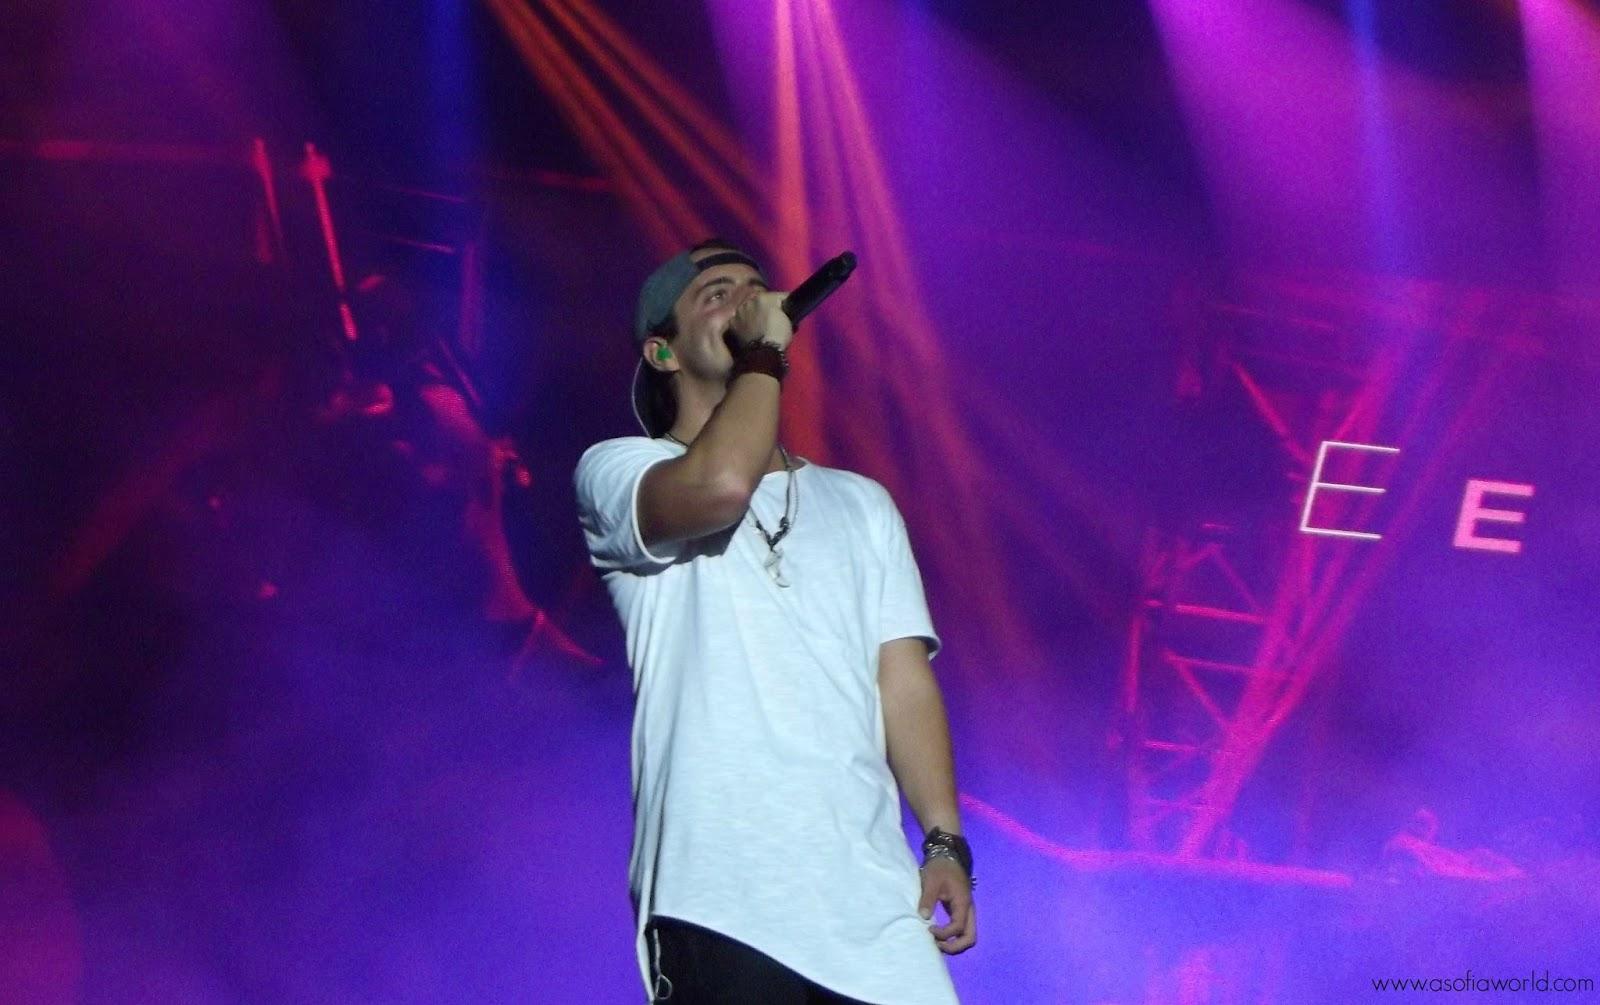 Rock in Rio Lisboa 2016: D.A.M.A